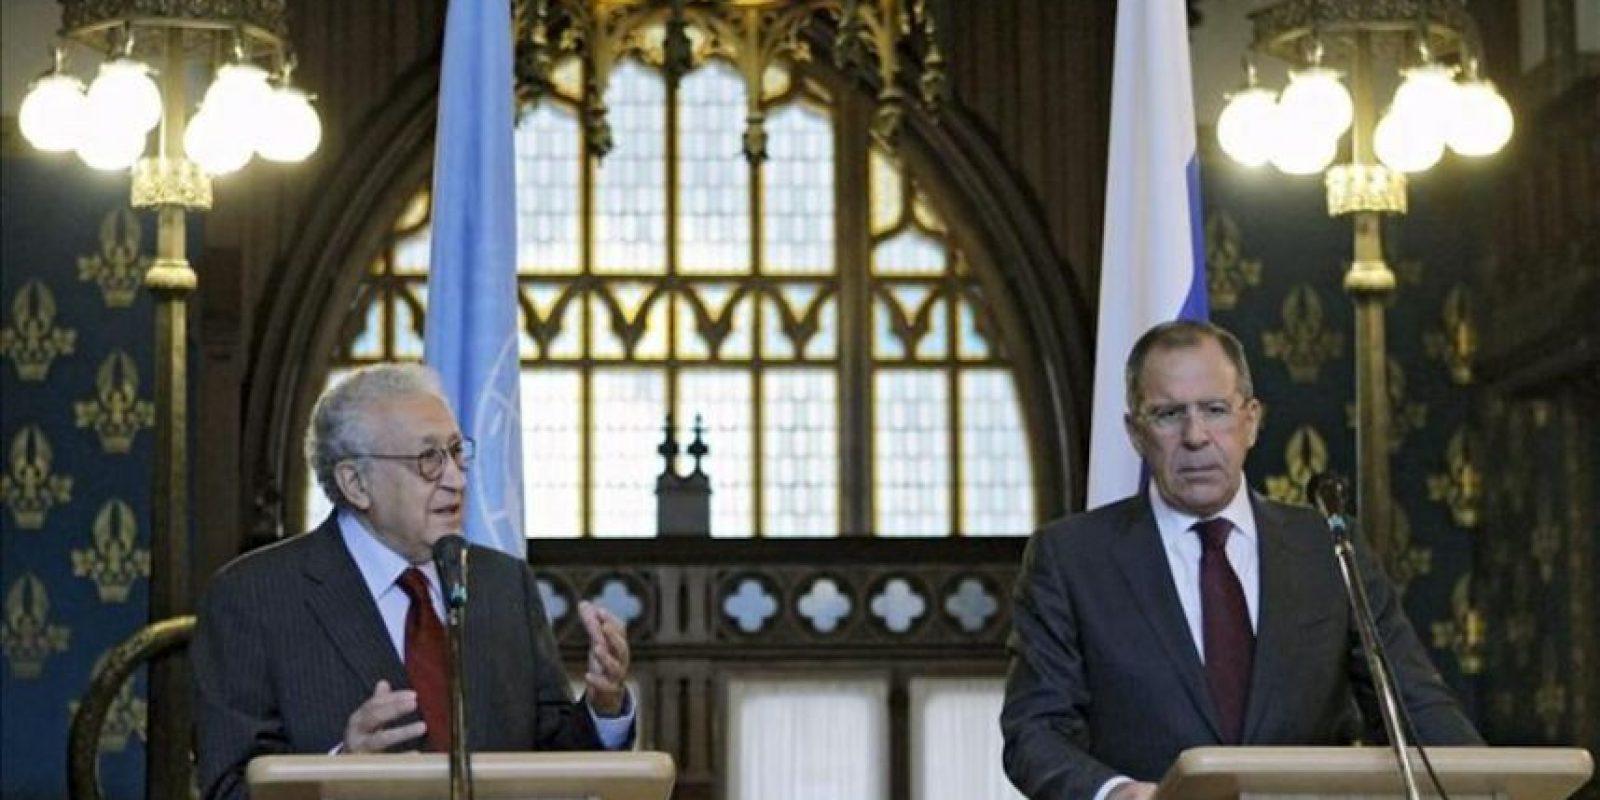 El enviado especial de las Naciones Unidas para Siria, Lakhdar Brahimi (izq), y el ministro de Asuntos Exteriores Ruso, Sergei Lavrov (der), ofrecen una rueda de prensa. EFE/Archivo